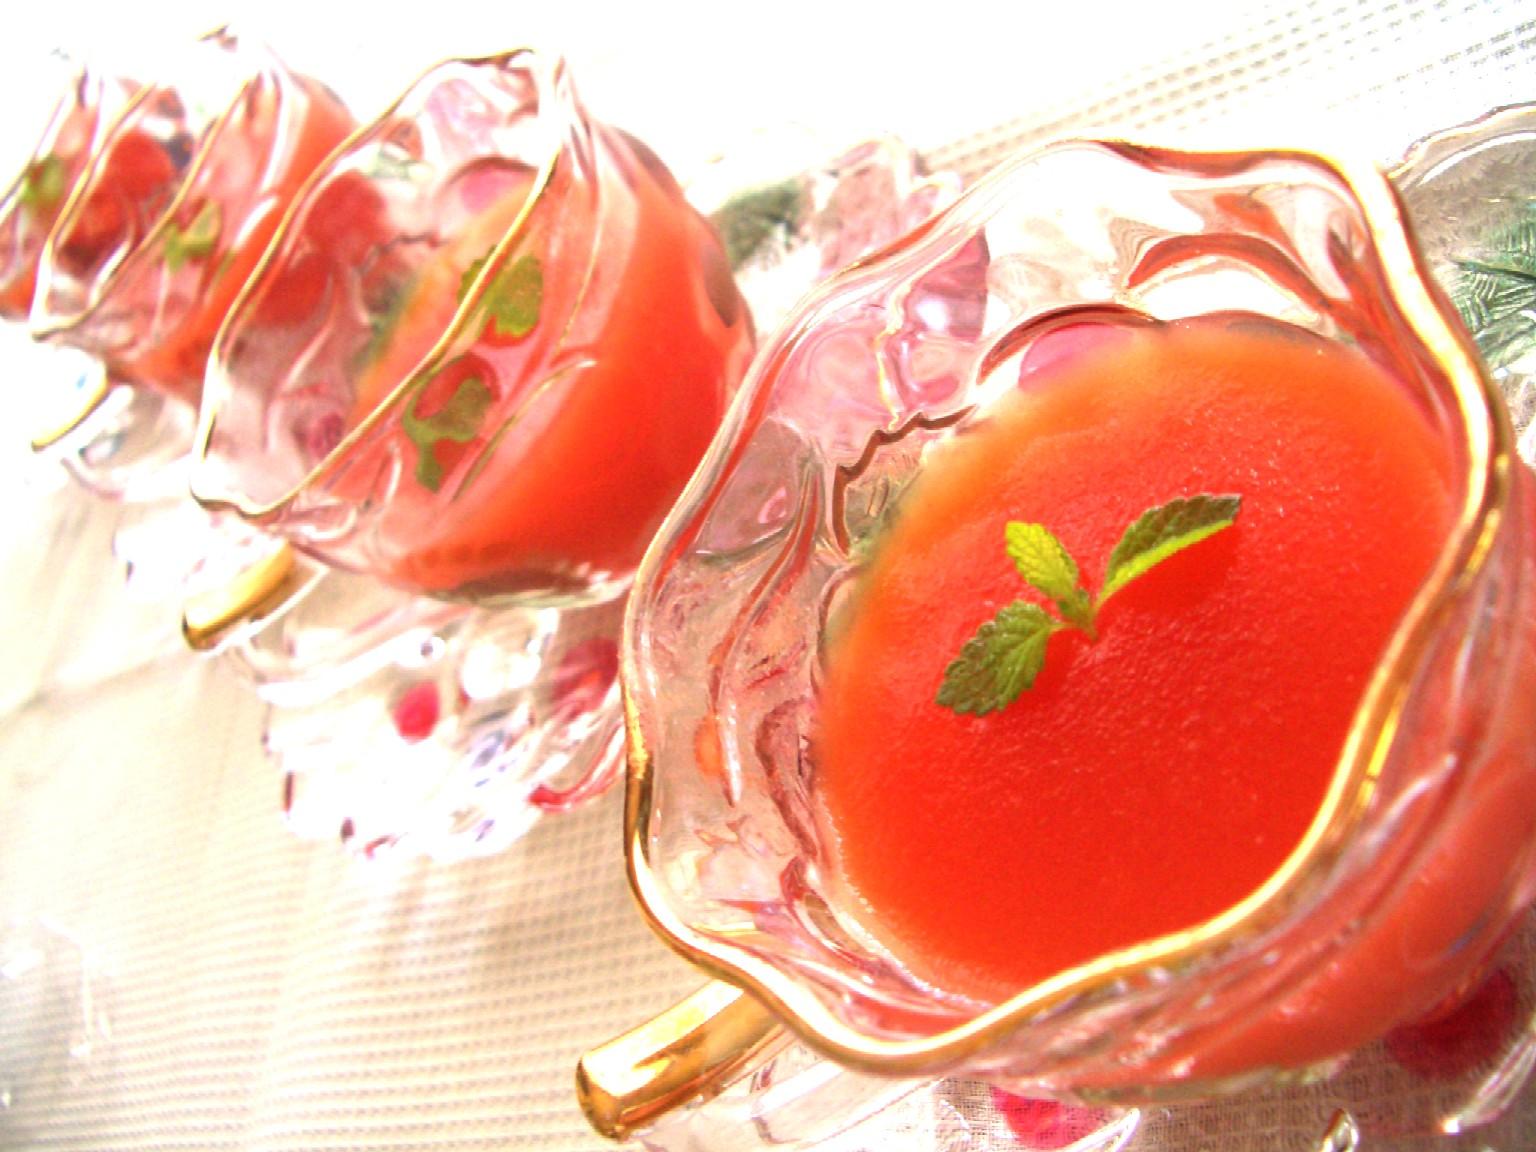 トマト嫌いでもおいしいゼリーとベーコンチーズのパンケーキ_d0034447_12185019.jpg